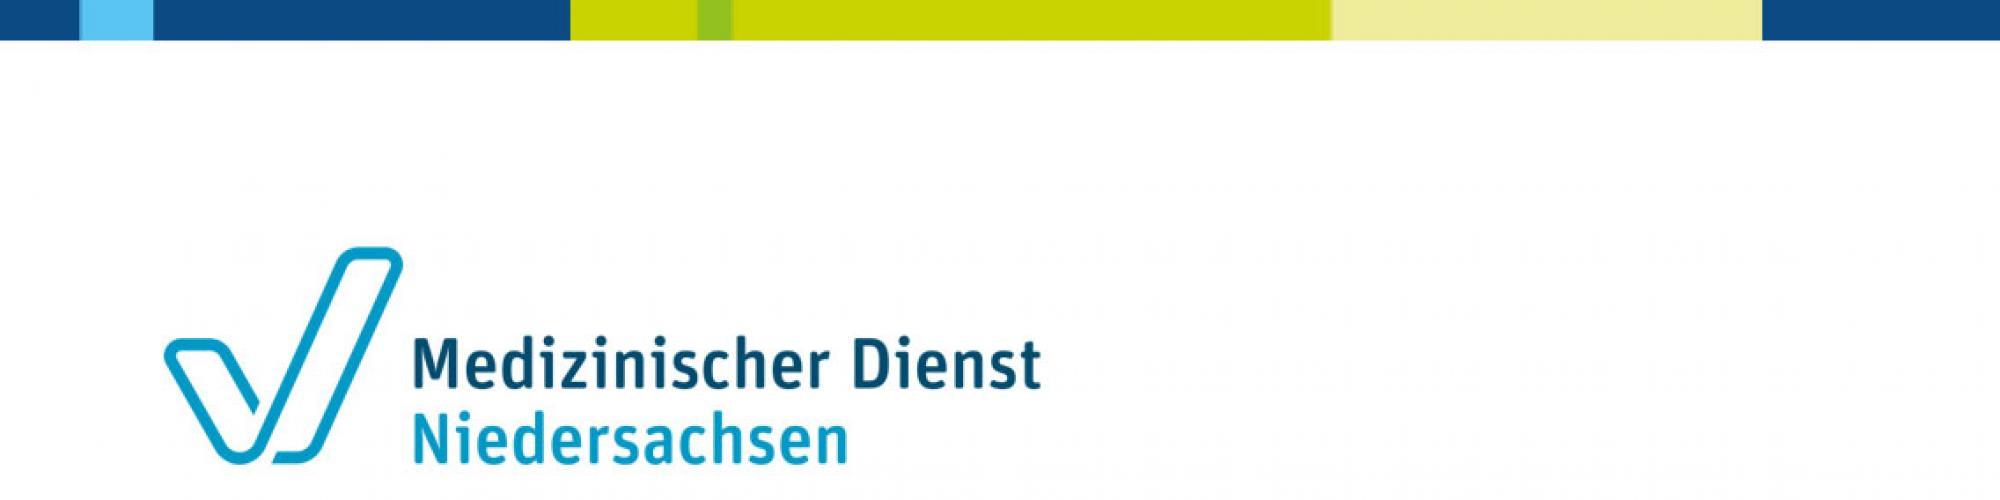 Medizinischer Dienst Niedersachsen